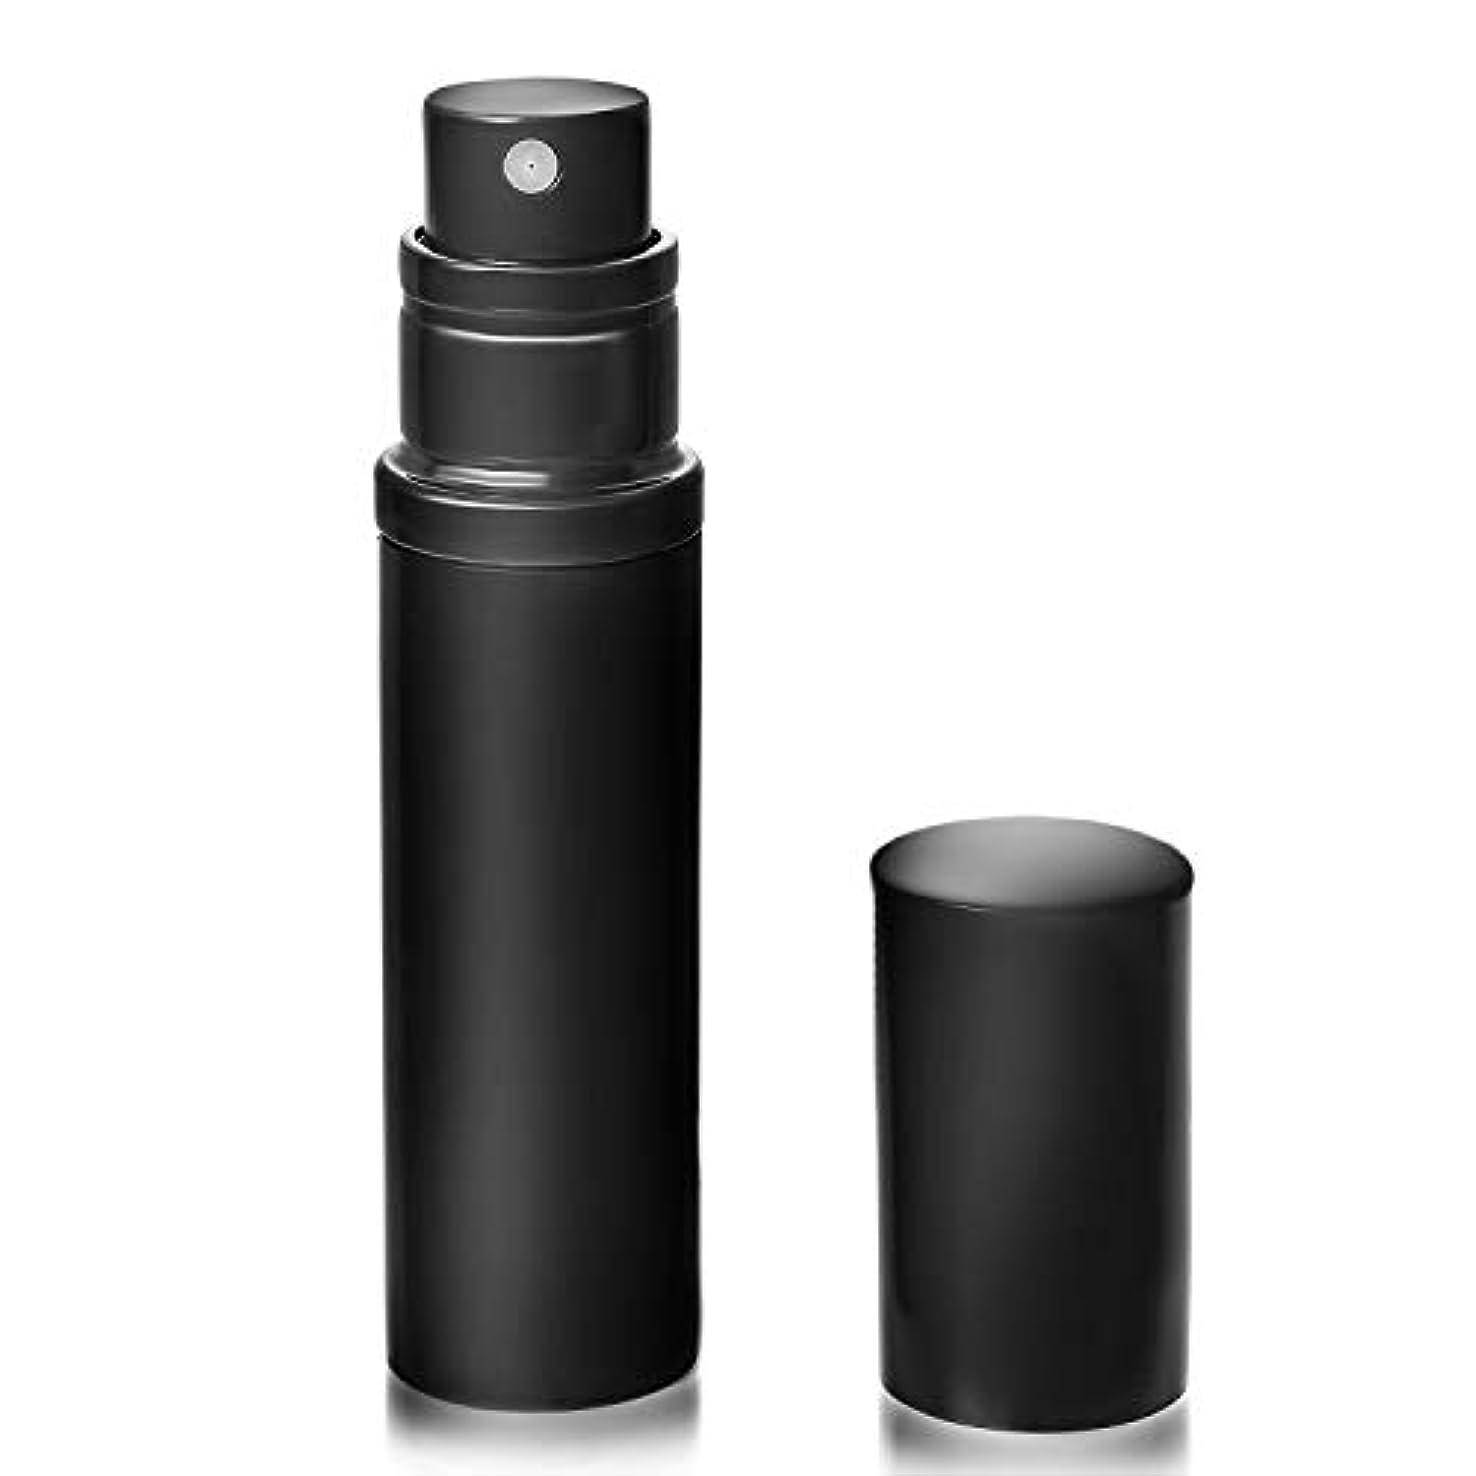 エスカレート不透明な変わるアトマイザ- 香水 クイックアトマイザー ワンタッチ 入れ物 簡単 持ち運び 詰め替え ポータブルクイック 容器 香水噴霧器 ブラック YOOMARO